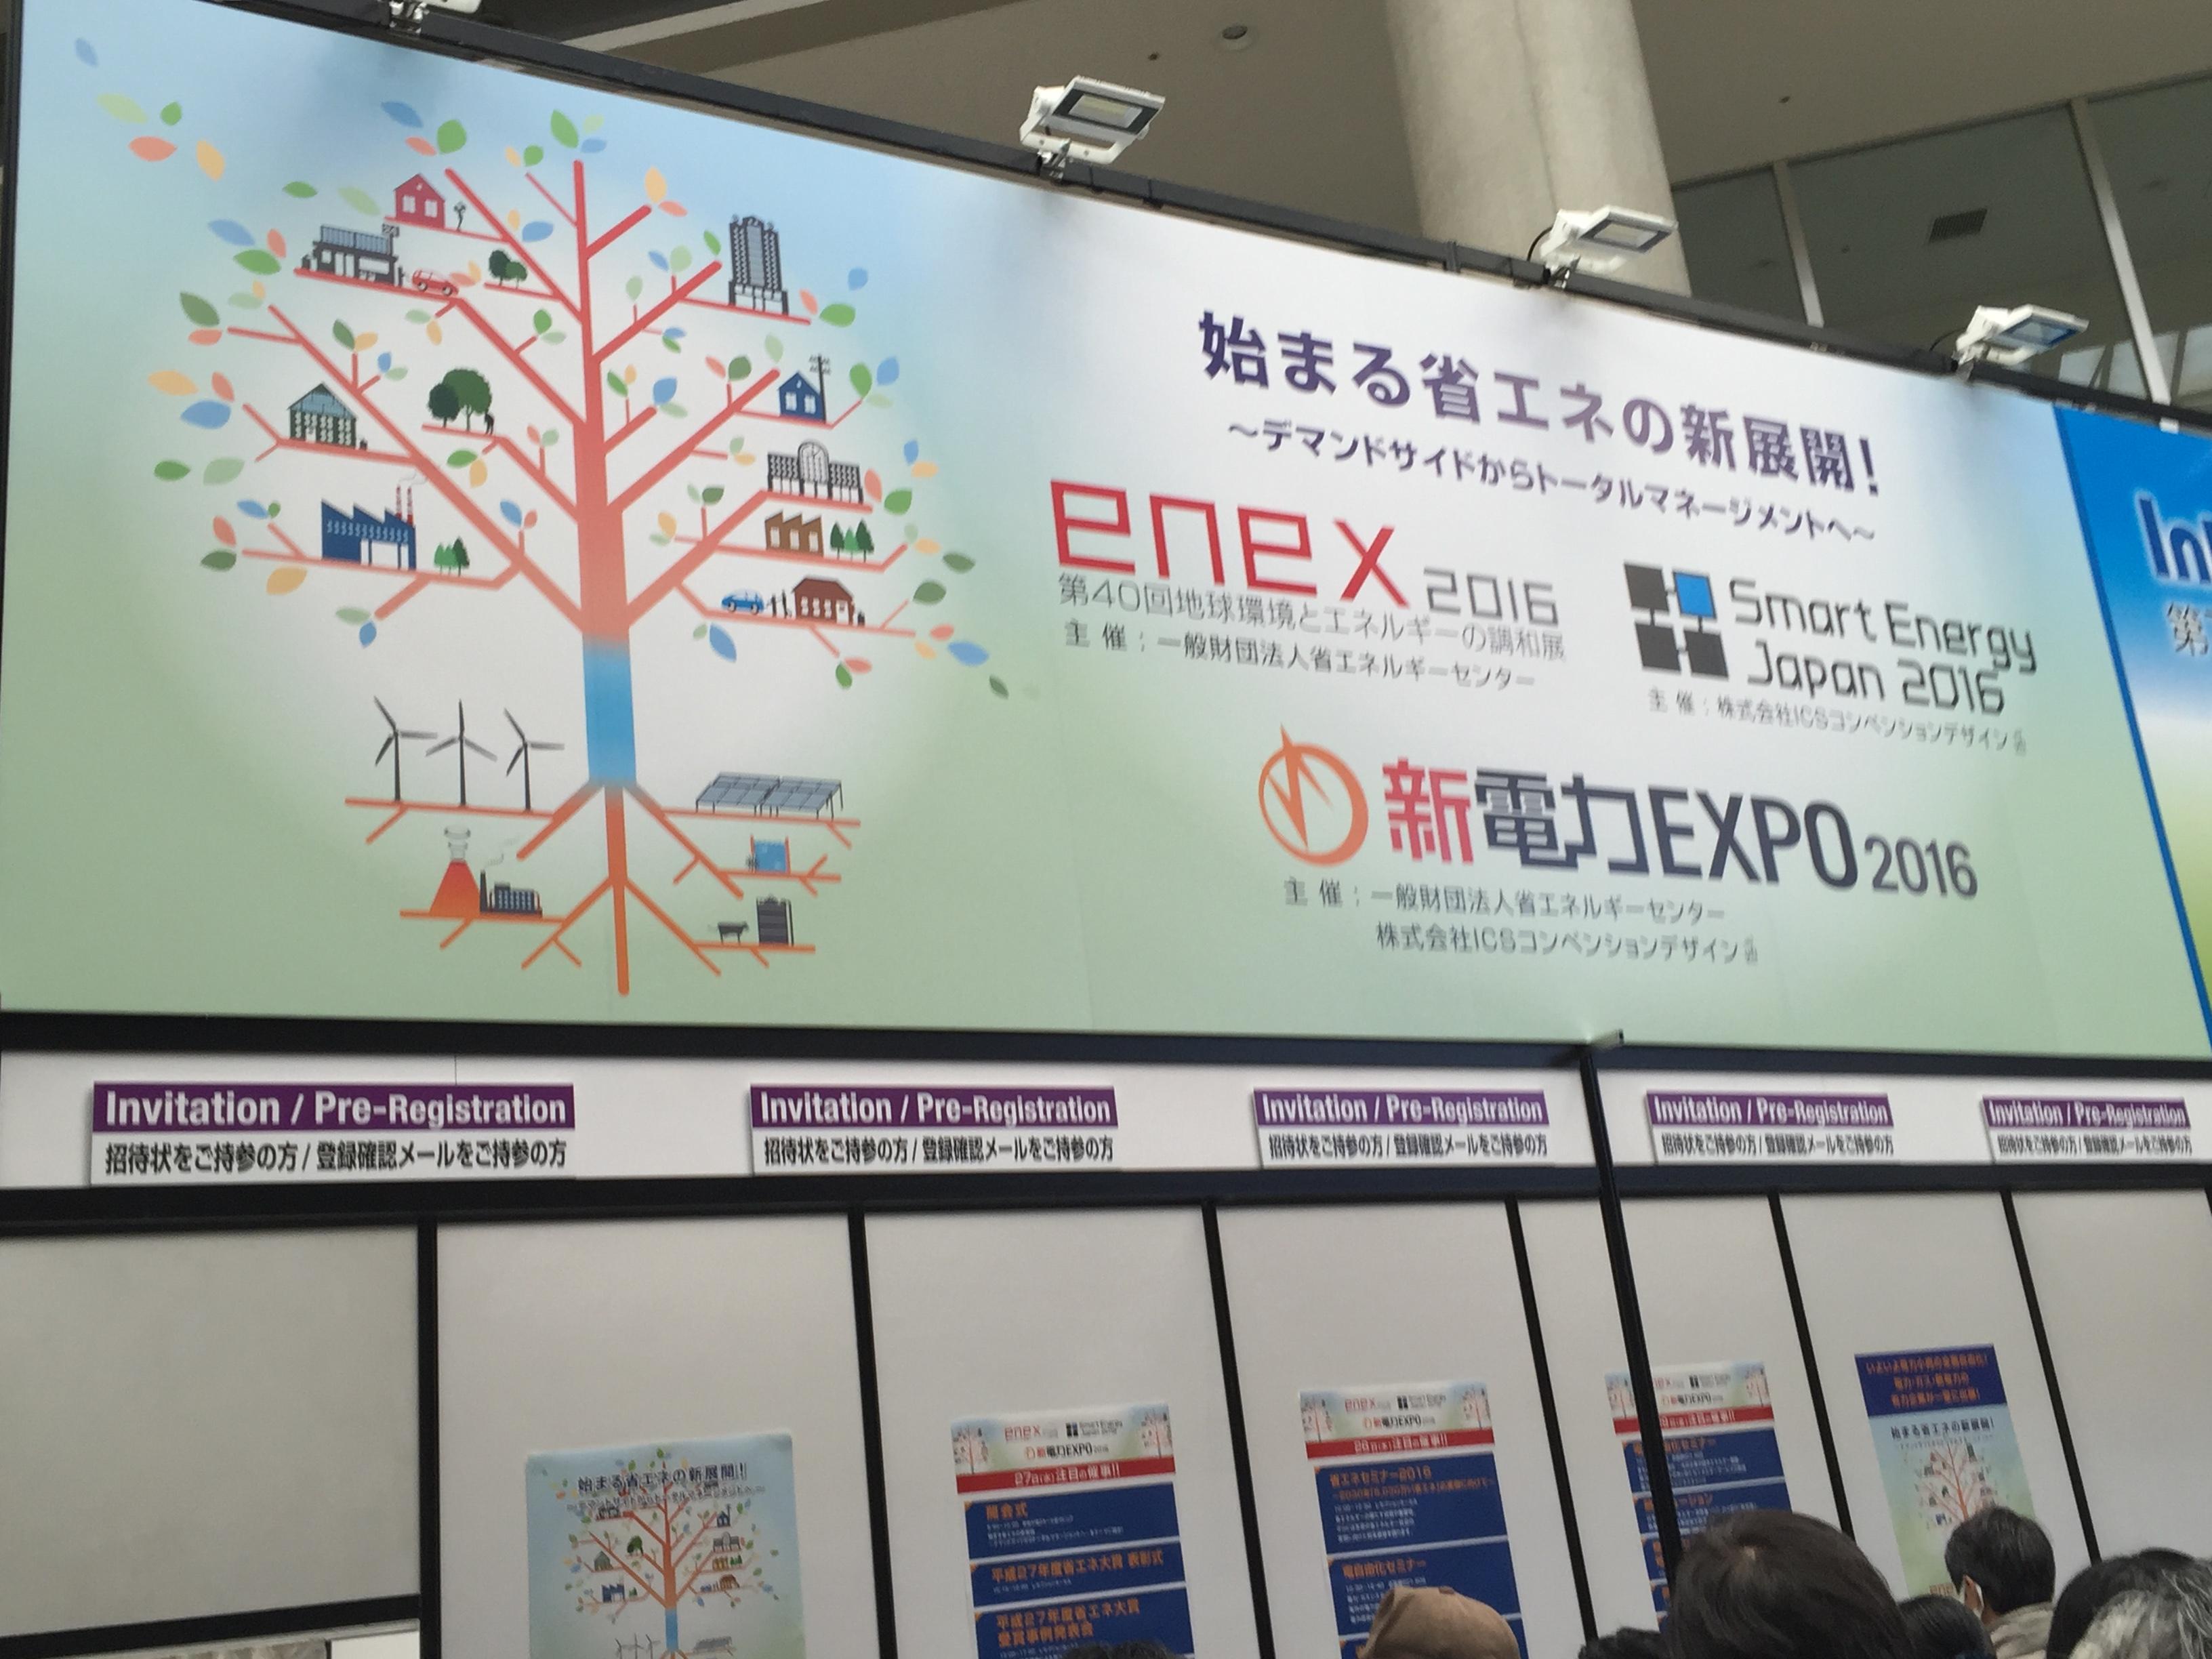 地球環境とエネルギーの調和展 enex2016 に行ってきました。